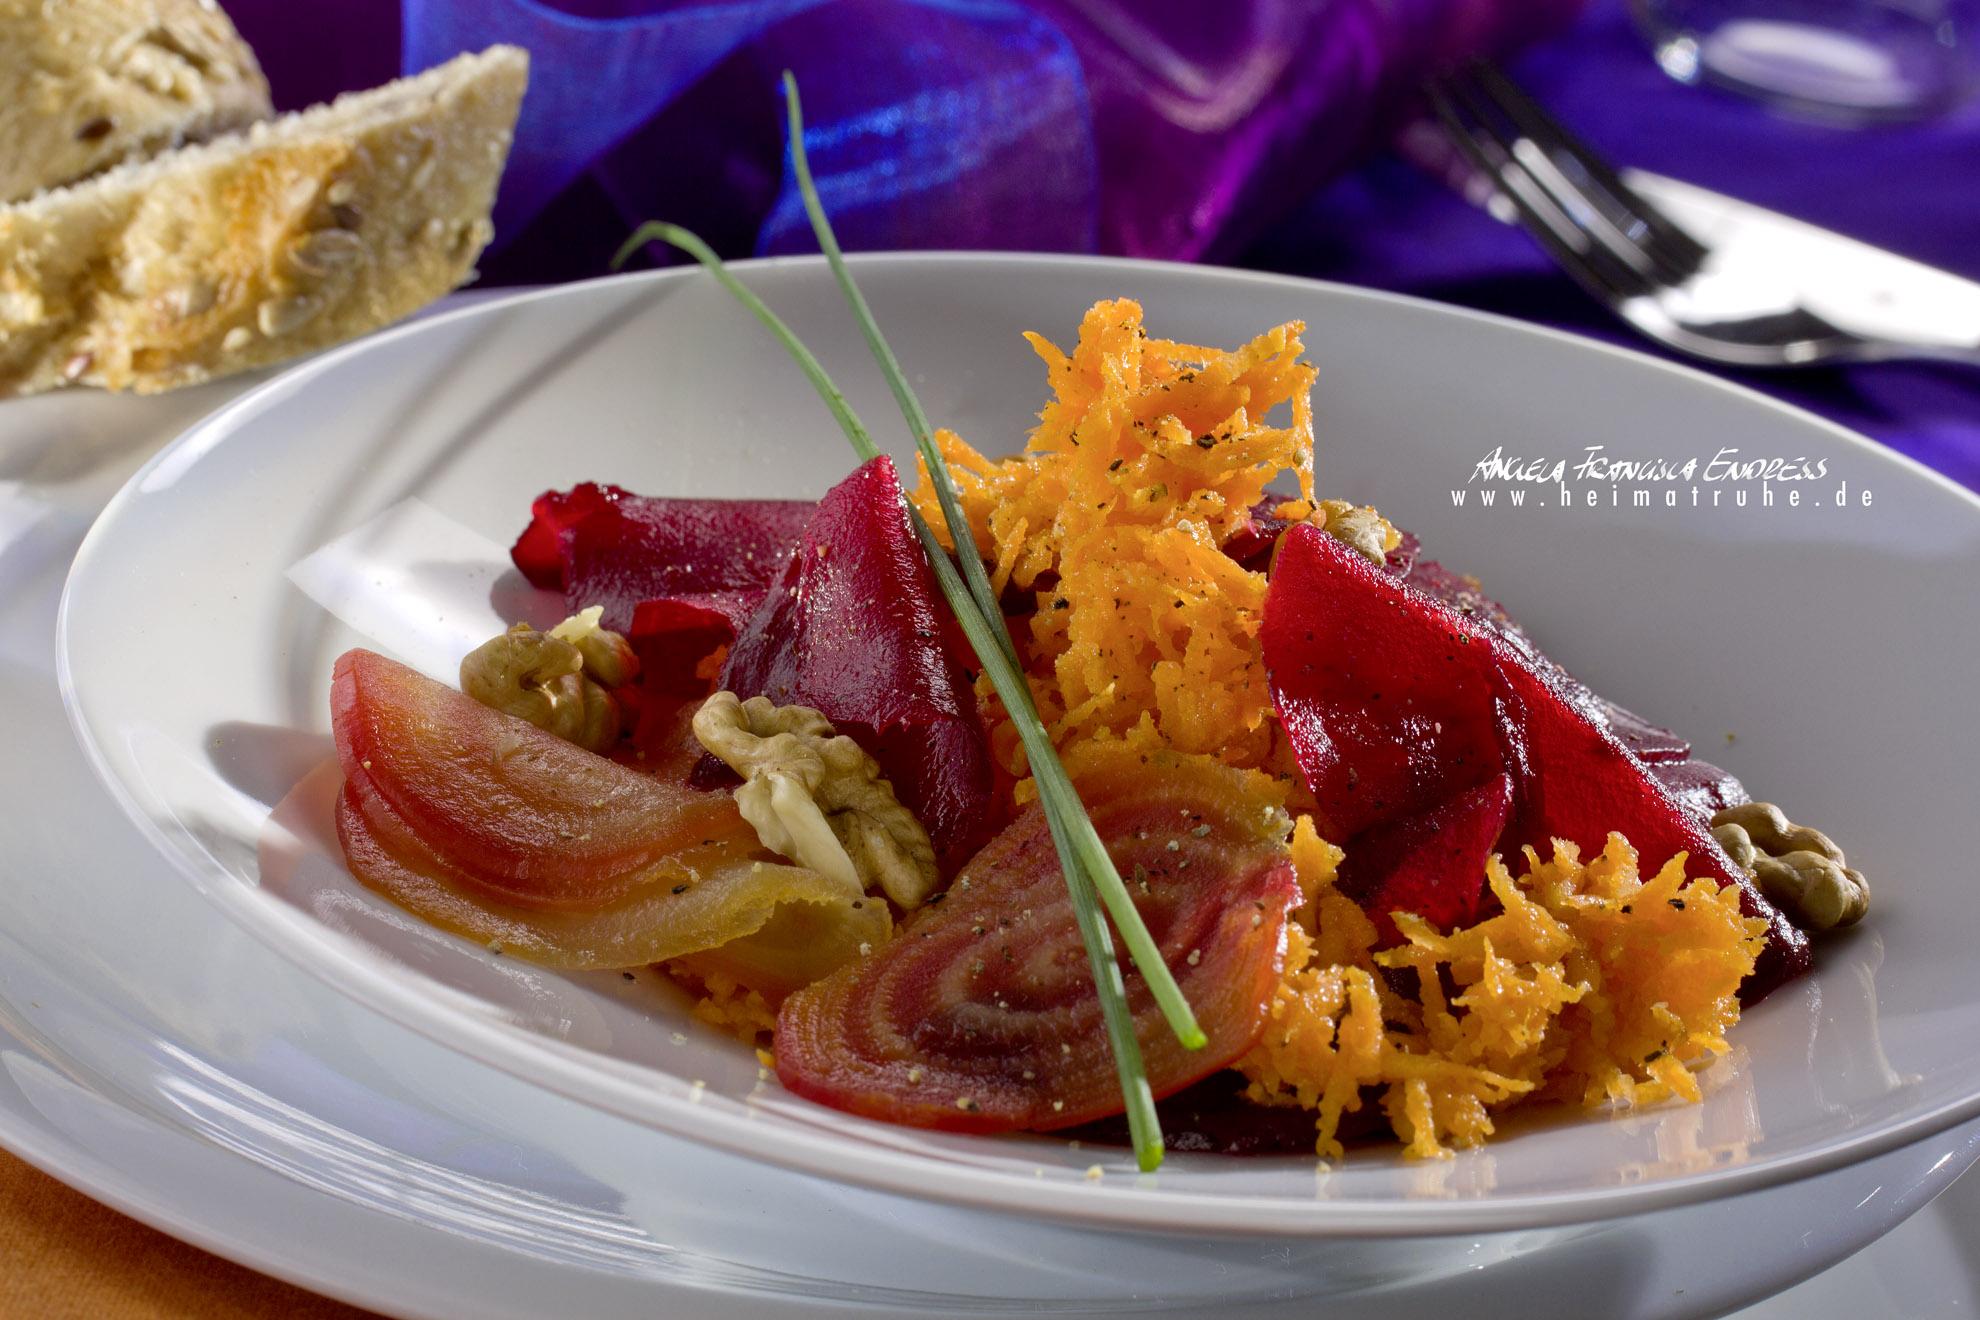 Möhren-Salat mit Rote Beete im Teller t Baguette Schewiben